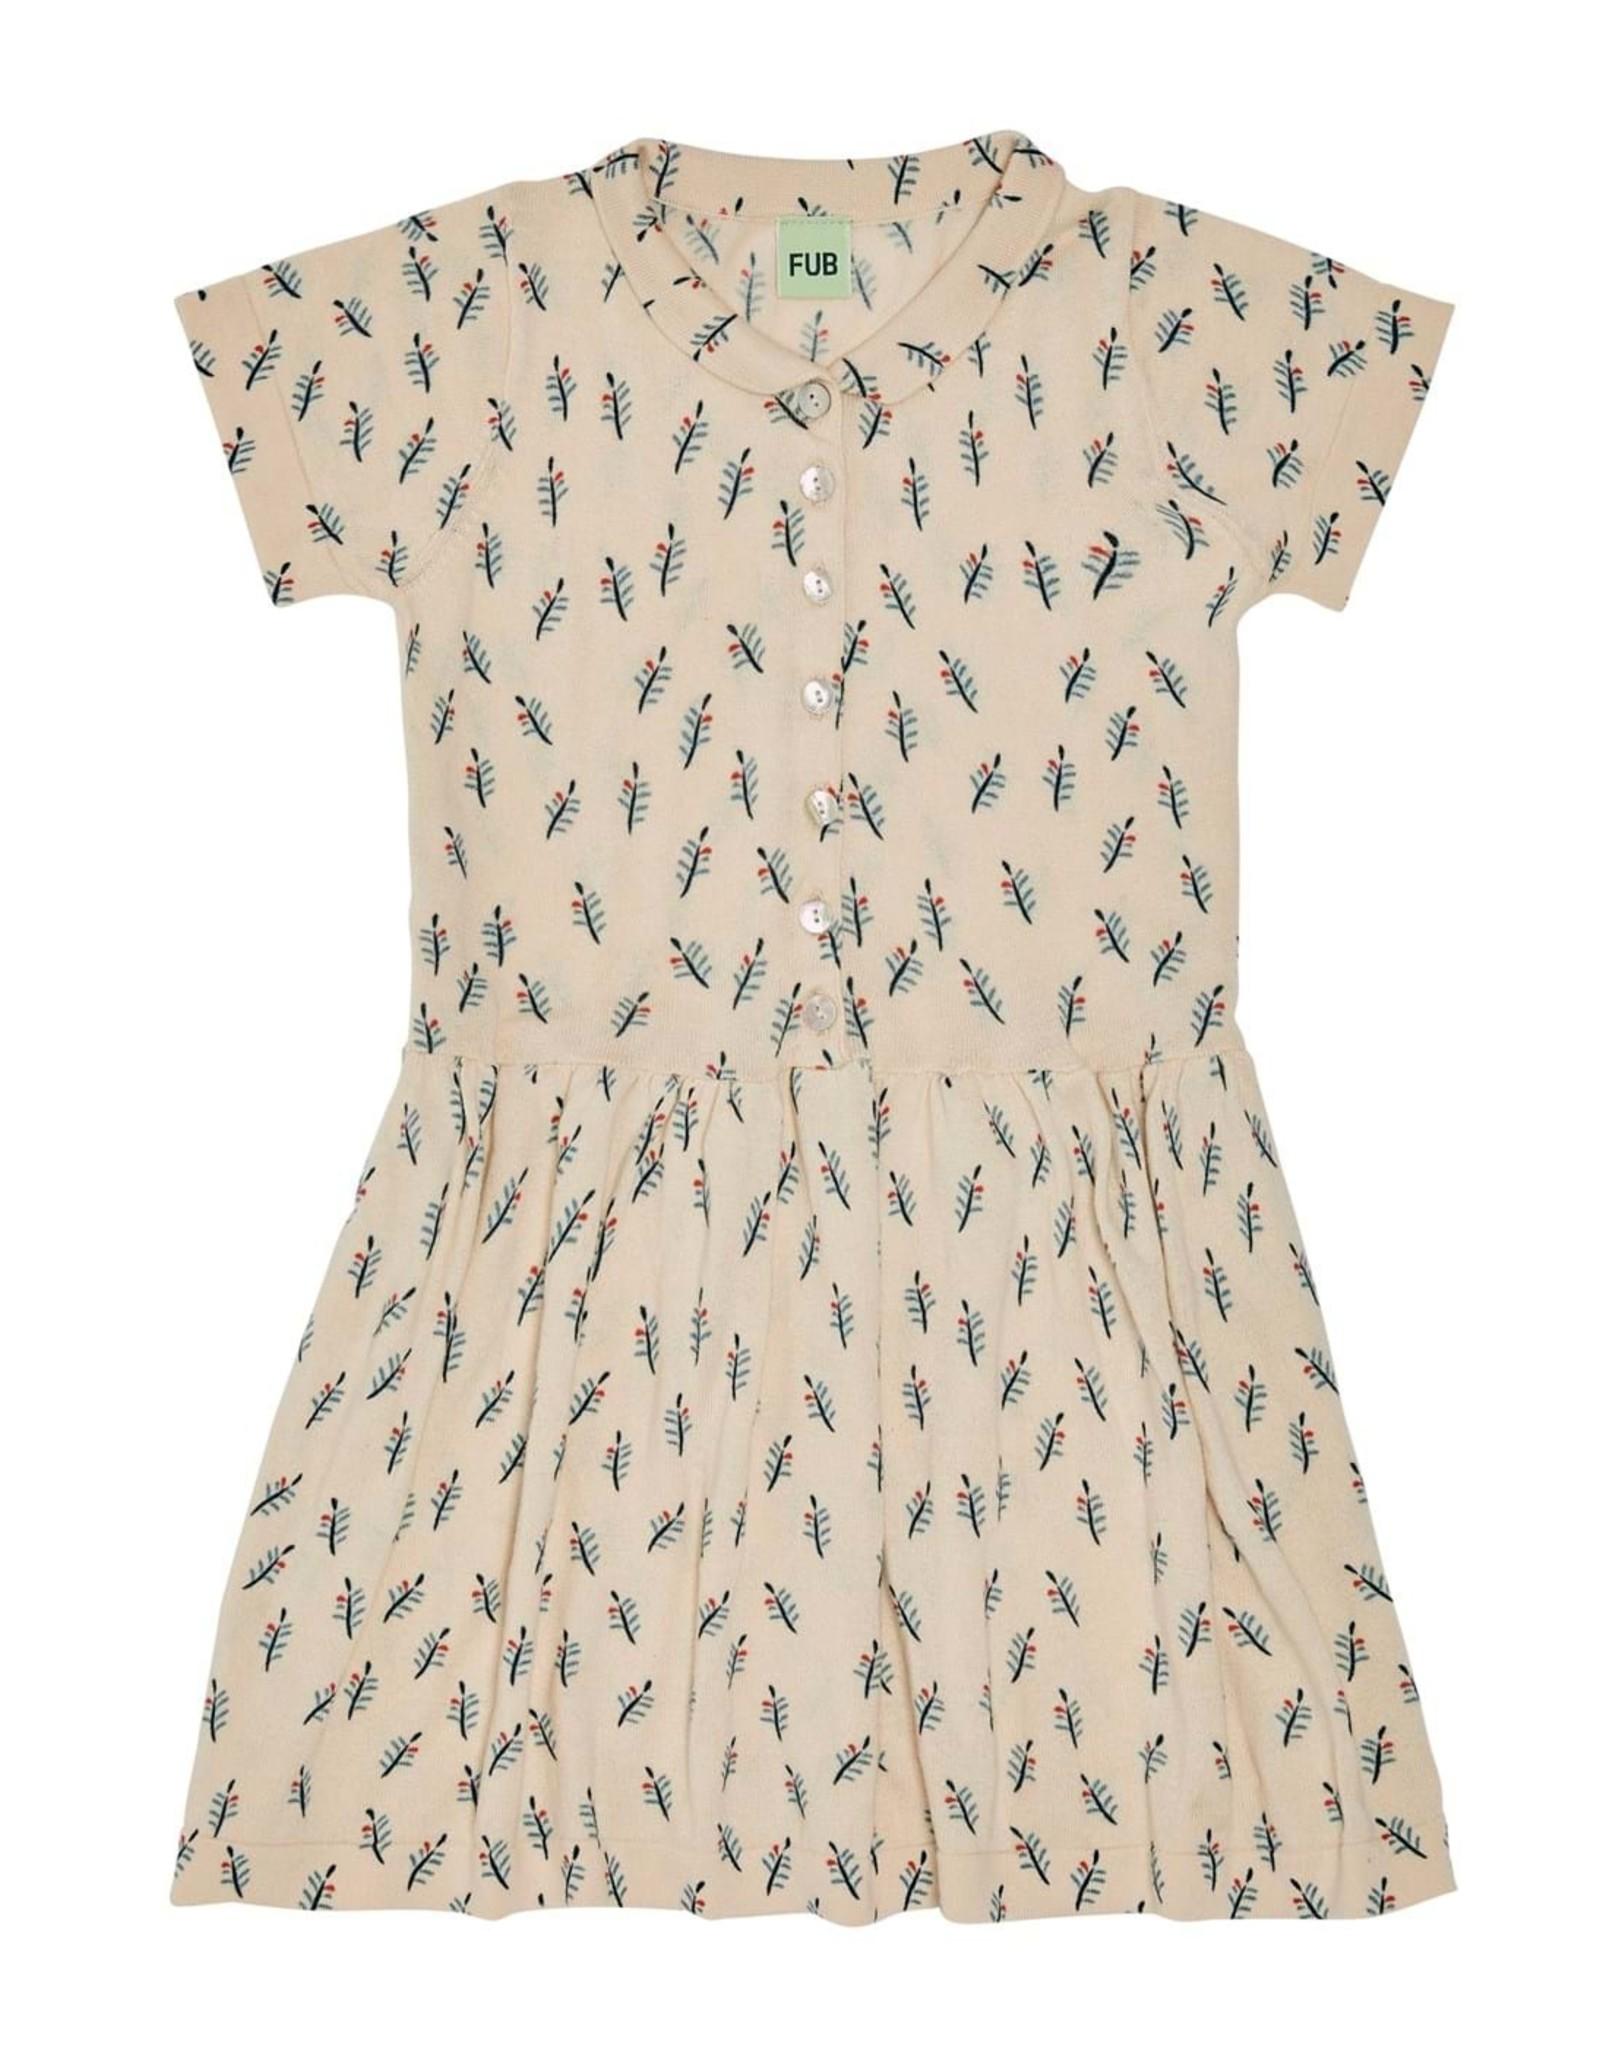 Fub Leaf dress